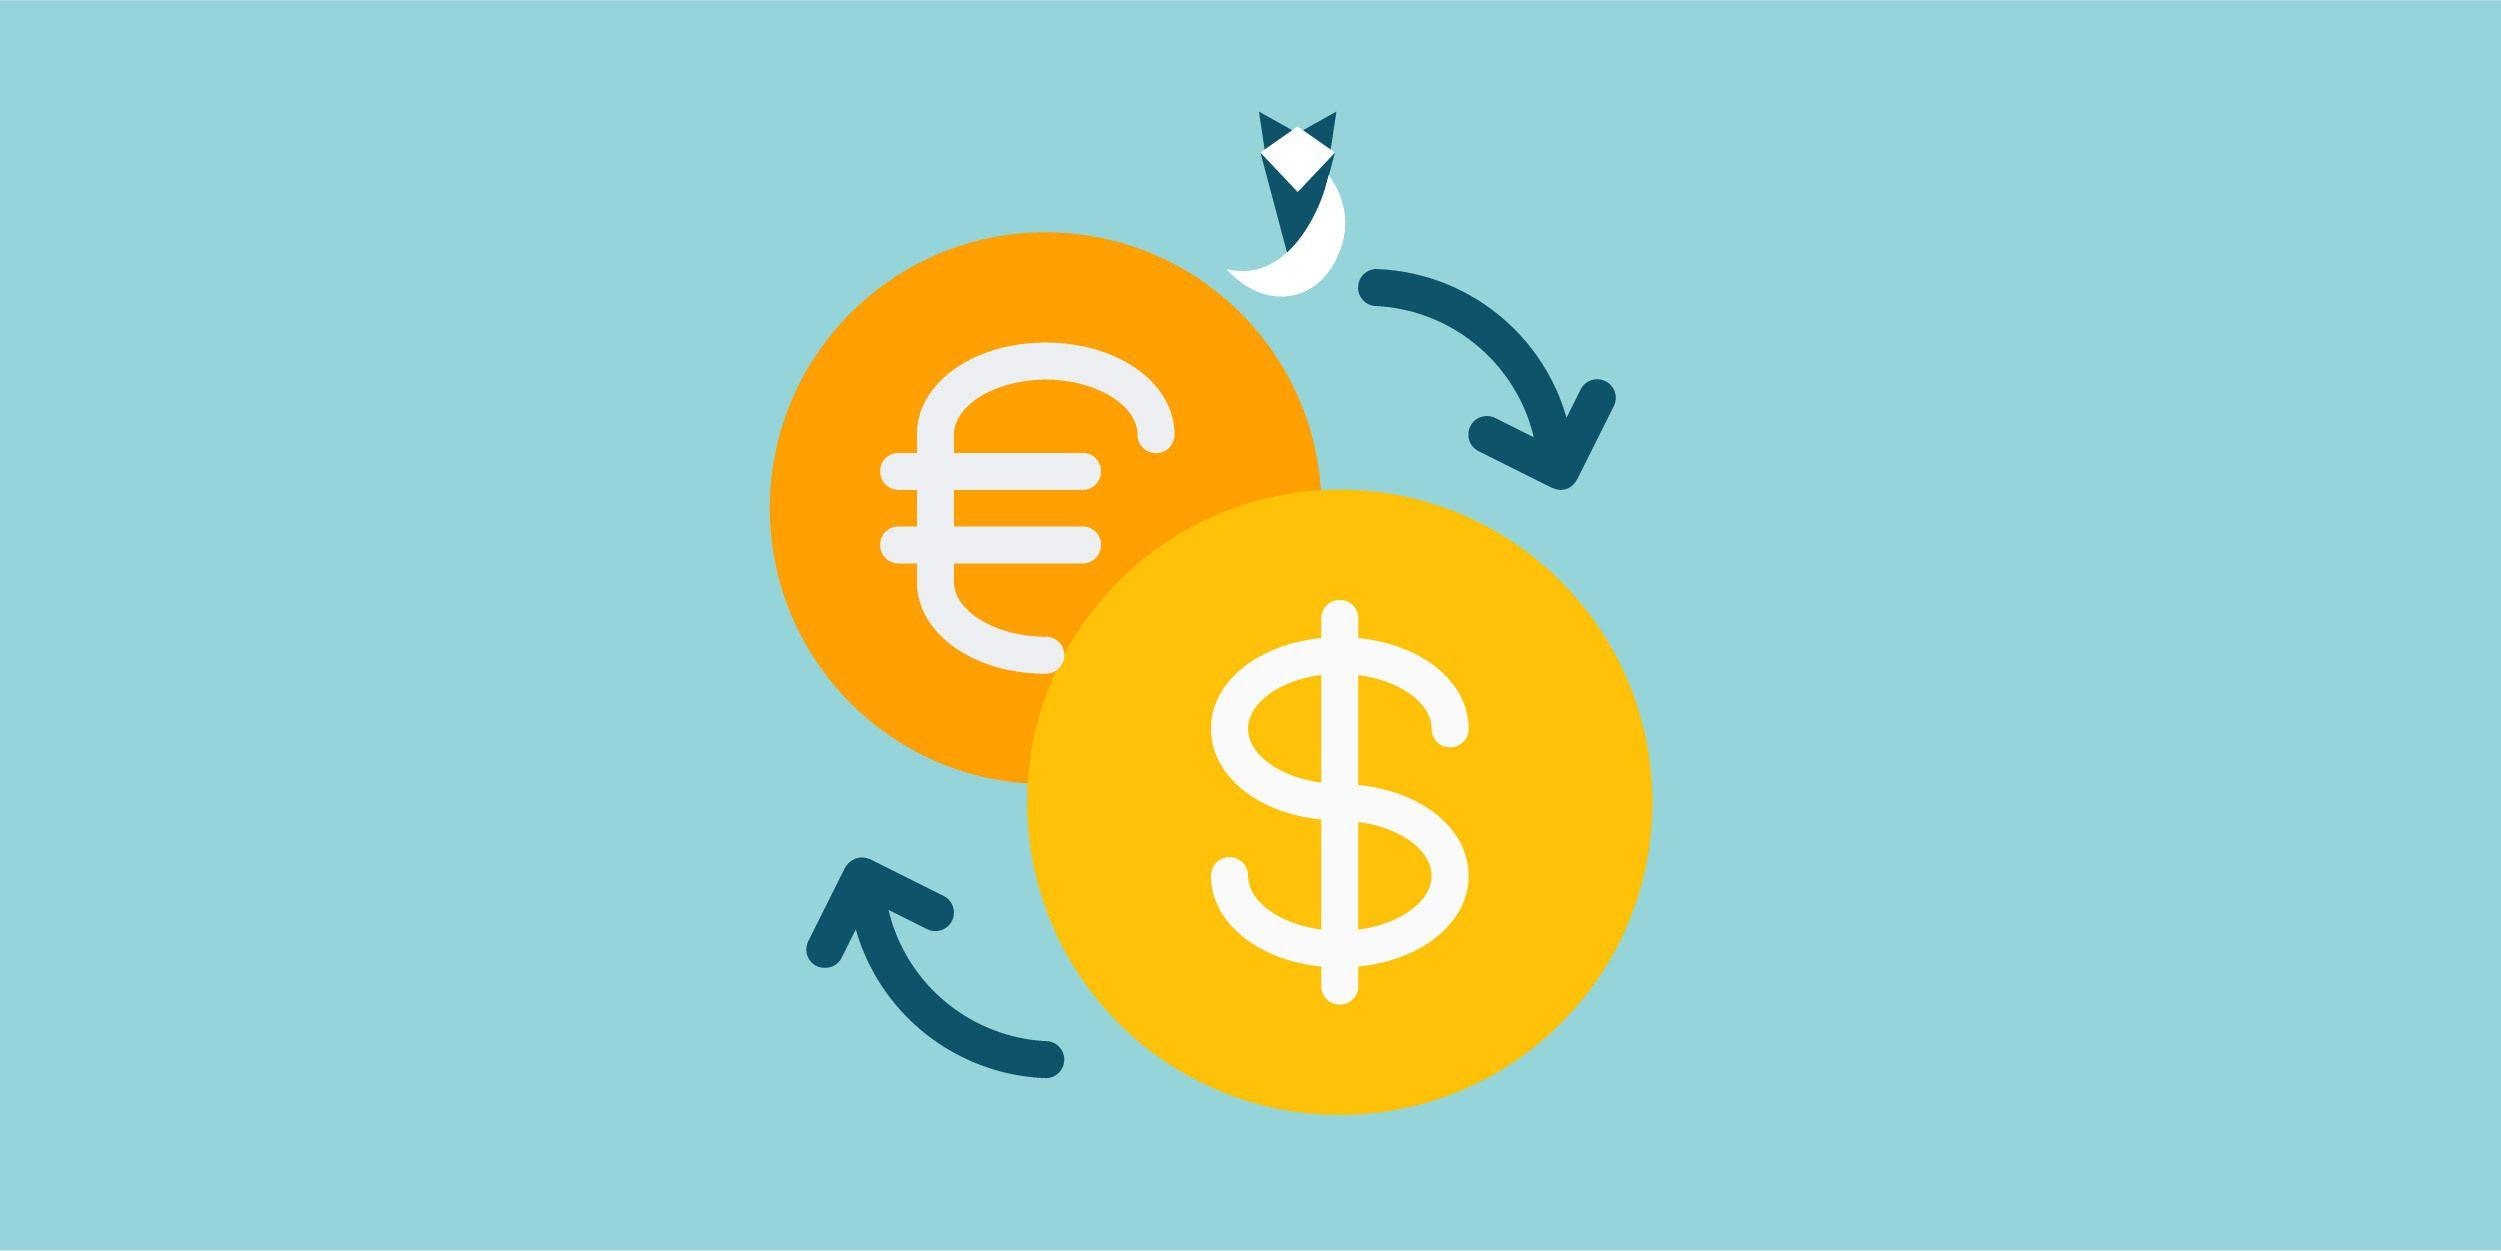 أسعار العملات الأجنبية اليوم الاثنين 10 مايو: استقرار الدولار